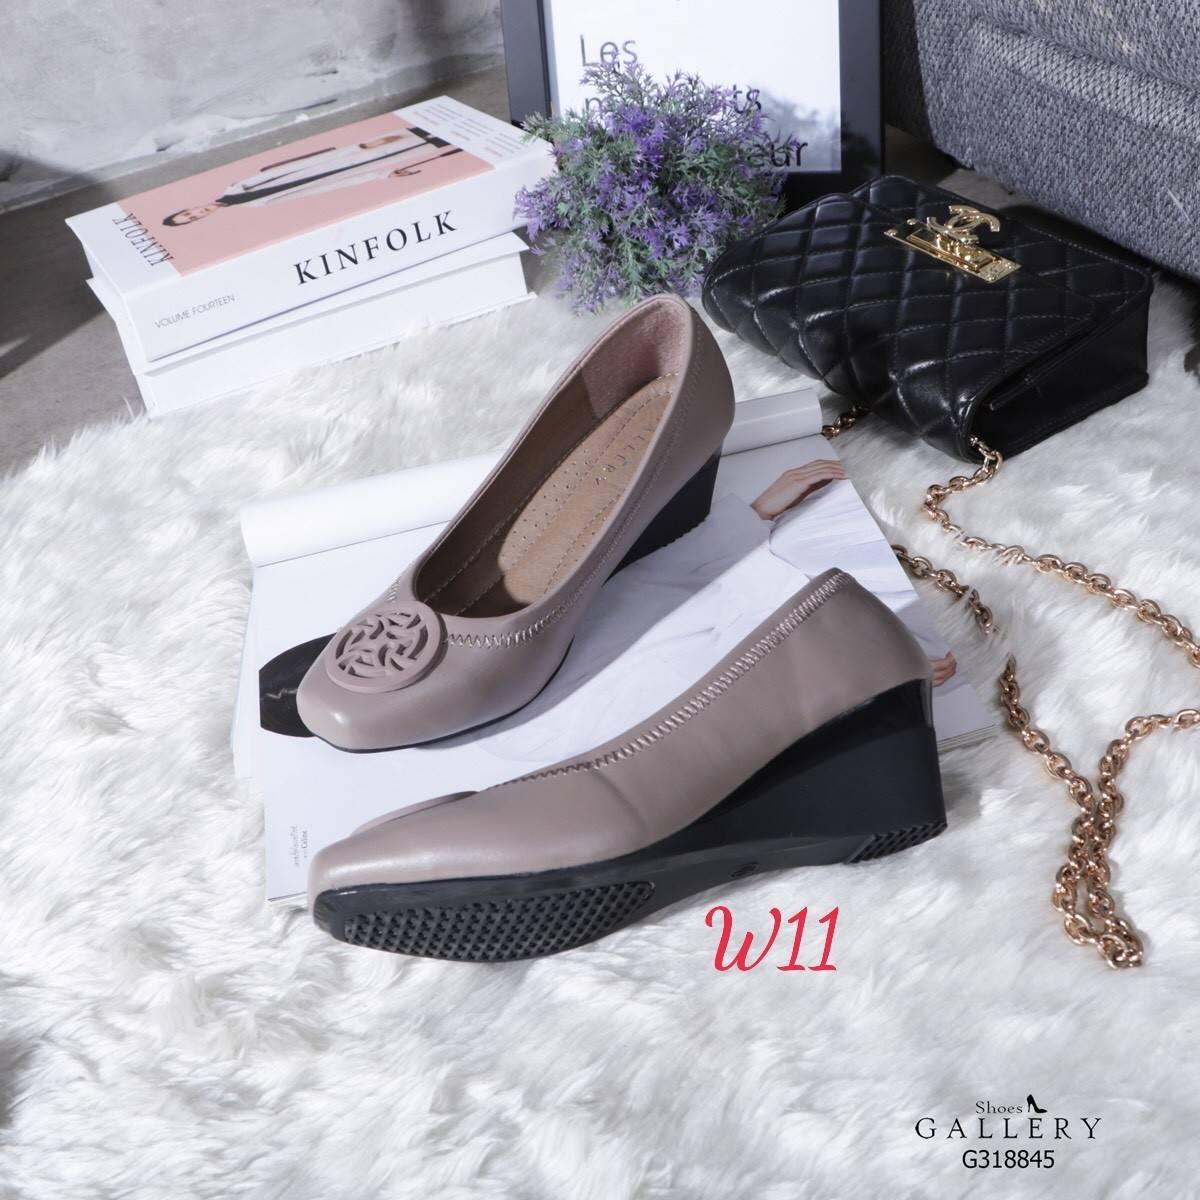 รองเท้าคัทชู ส้นเตารีด แต่งอะไหล่สไตล์แบรนด์สวยเรียบหรู หนังนิ่ม พื้นบุนิ่ม ทรงสวย สูงประมาณ 2 นิ้ว ใส่สบาย แมทสวยได้ทุกชุด (G318845)